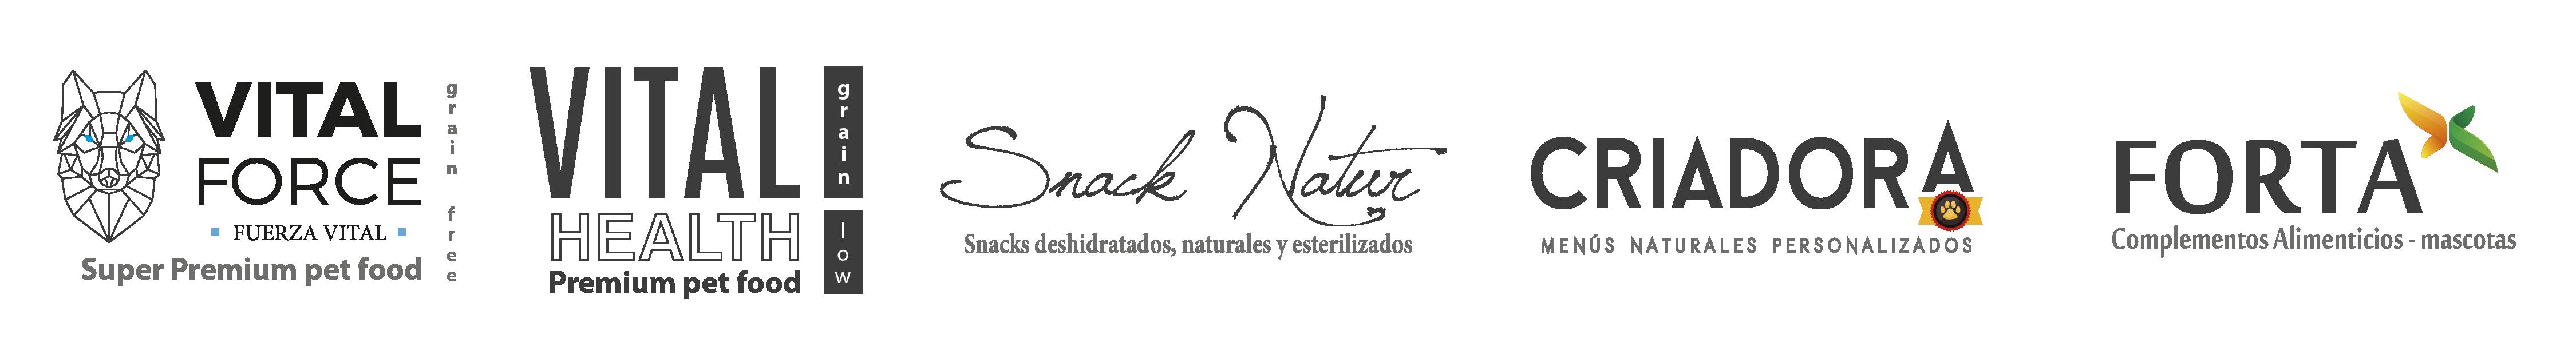 todas-las-marcas-nutricione-02